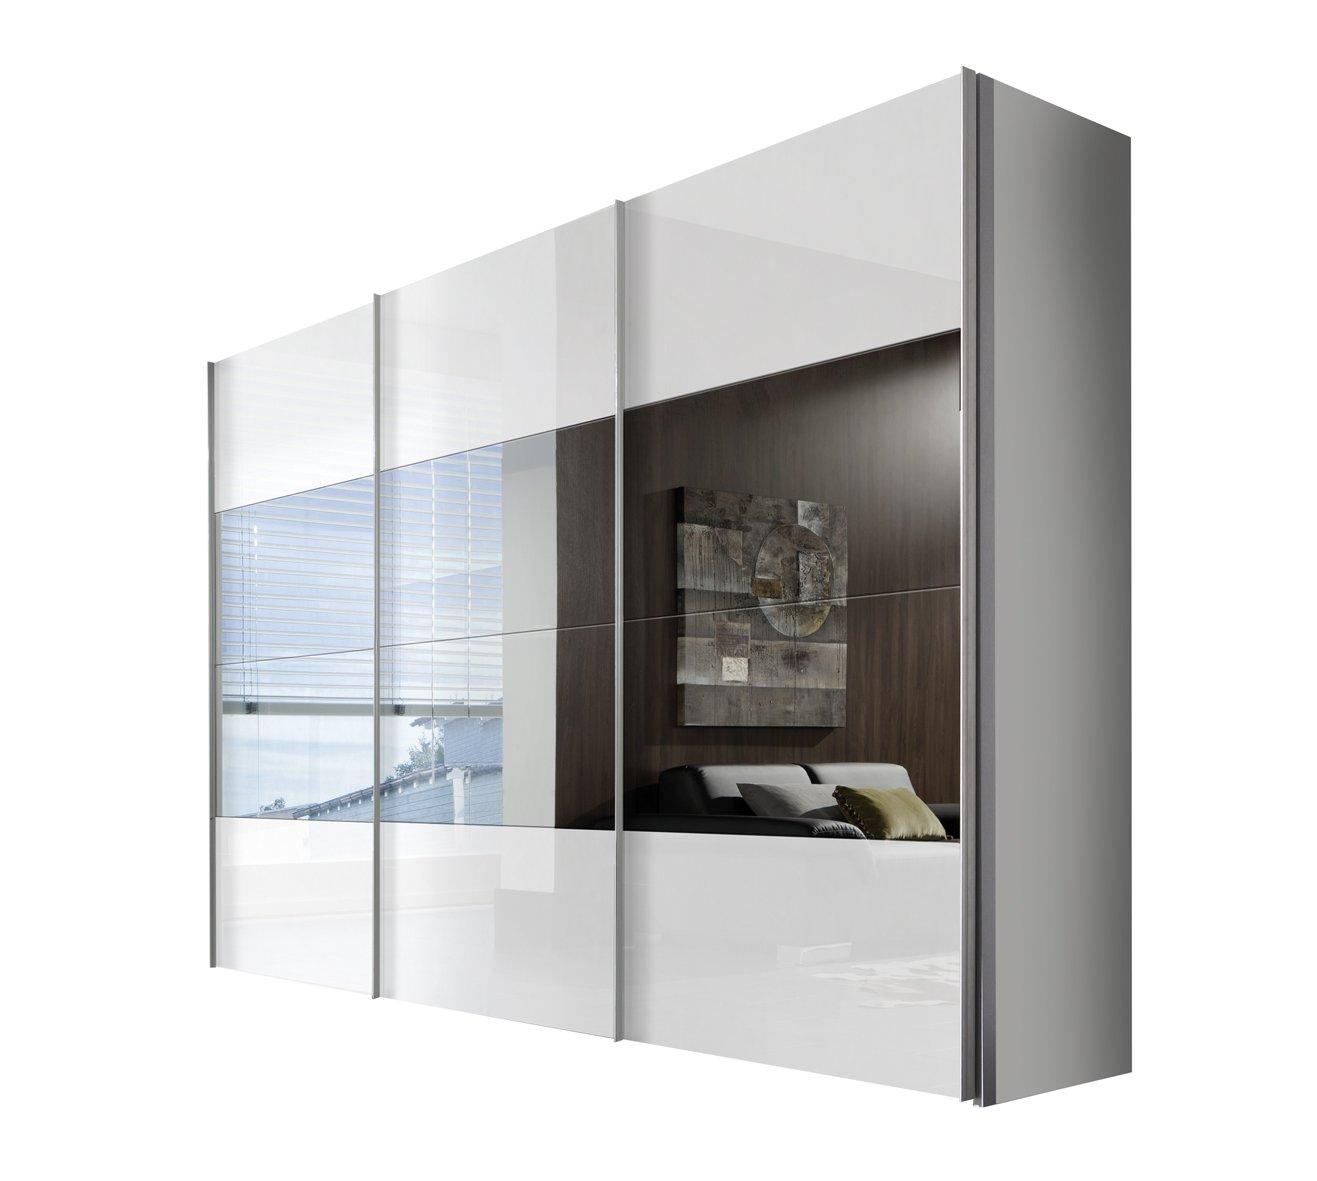 Solutions 49670-203 Schwebetürenschrank 3-türig, Korpus polarweiß, Front lack weiß, Spiegel, Griffleisten alufarben, 68 x 300 x 216 cm